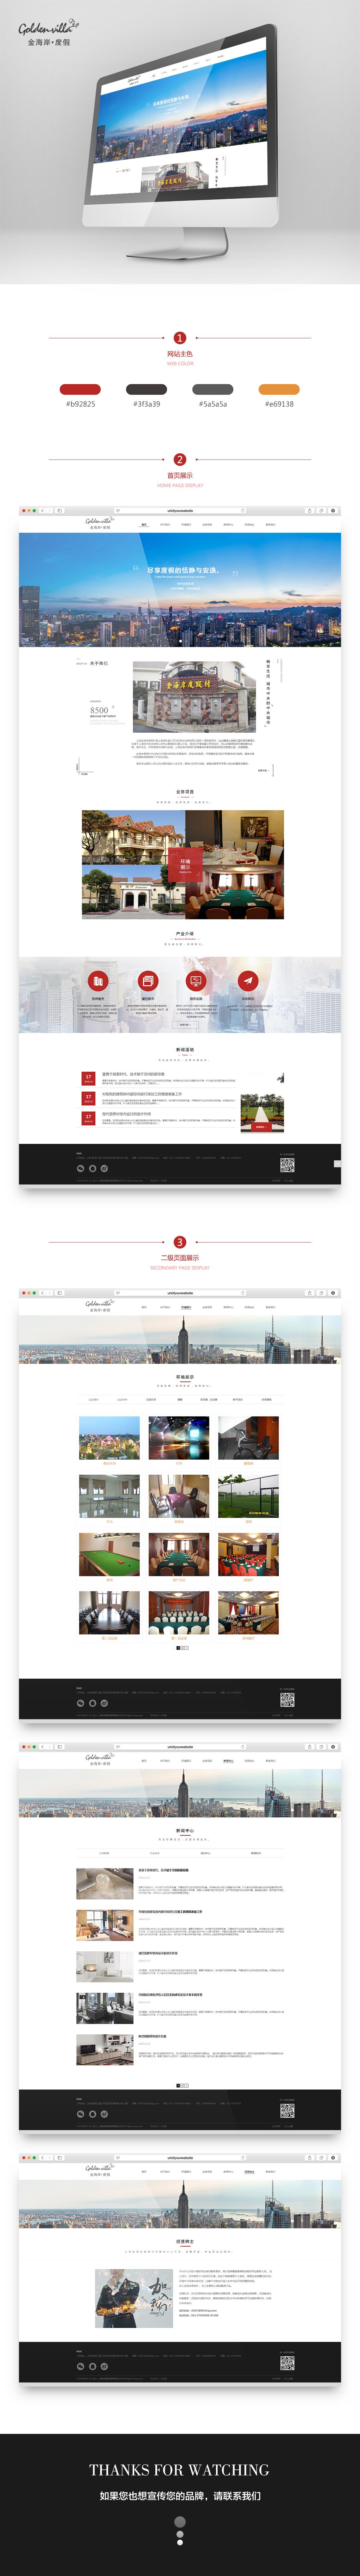 公司案例展示201805-4上海屹寅酒店管理有限公司